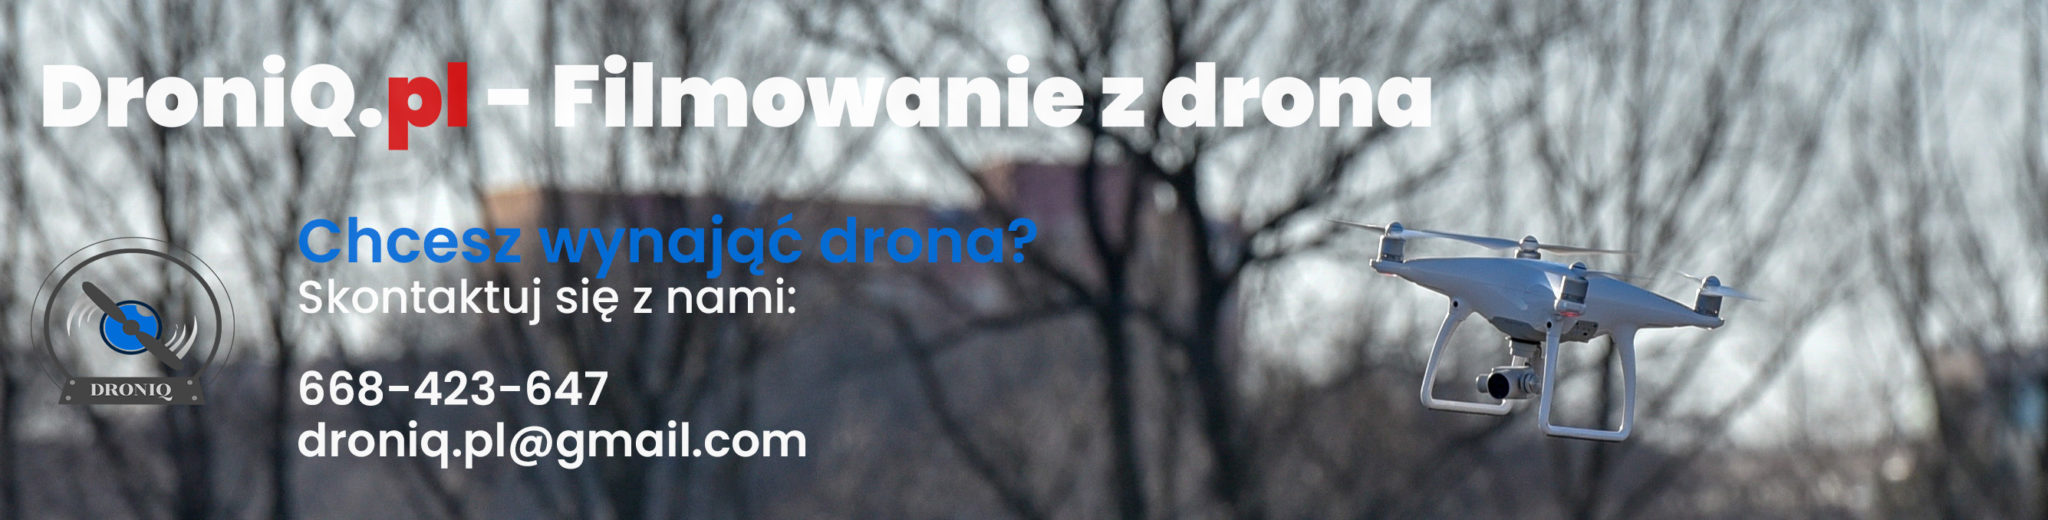 Wynajem drona w Warszawie kontakt